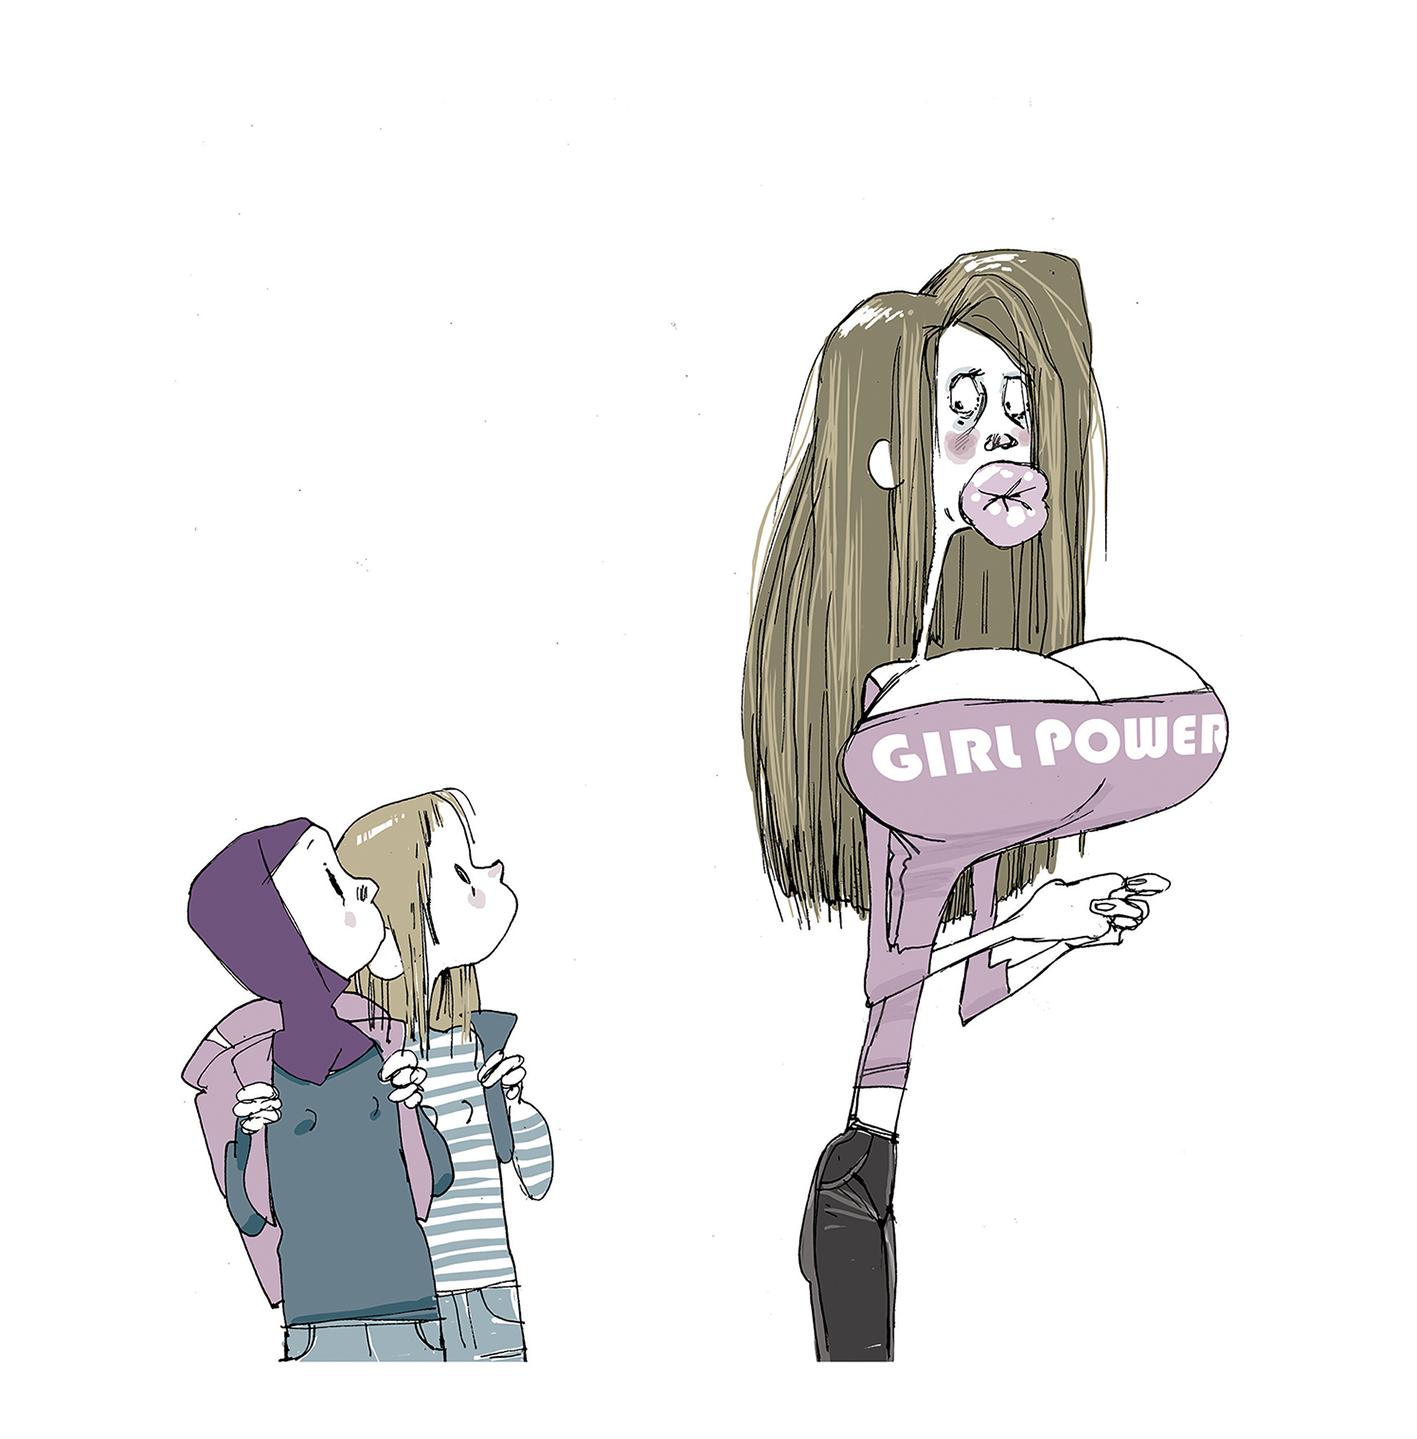 Girl Power, redefined, 2010